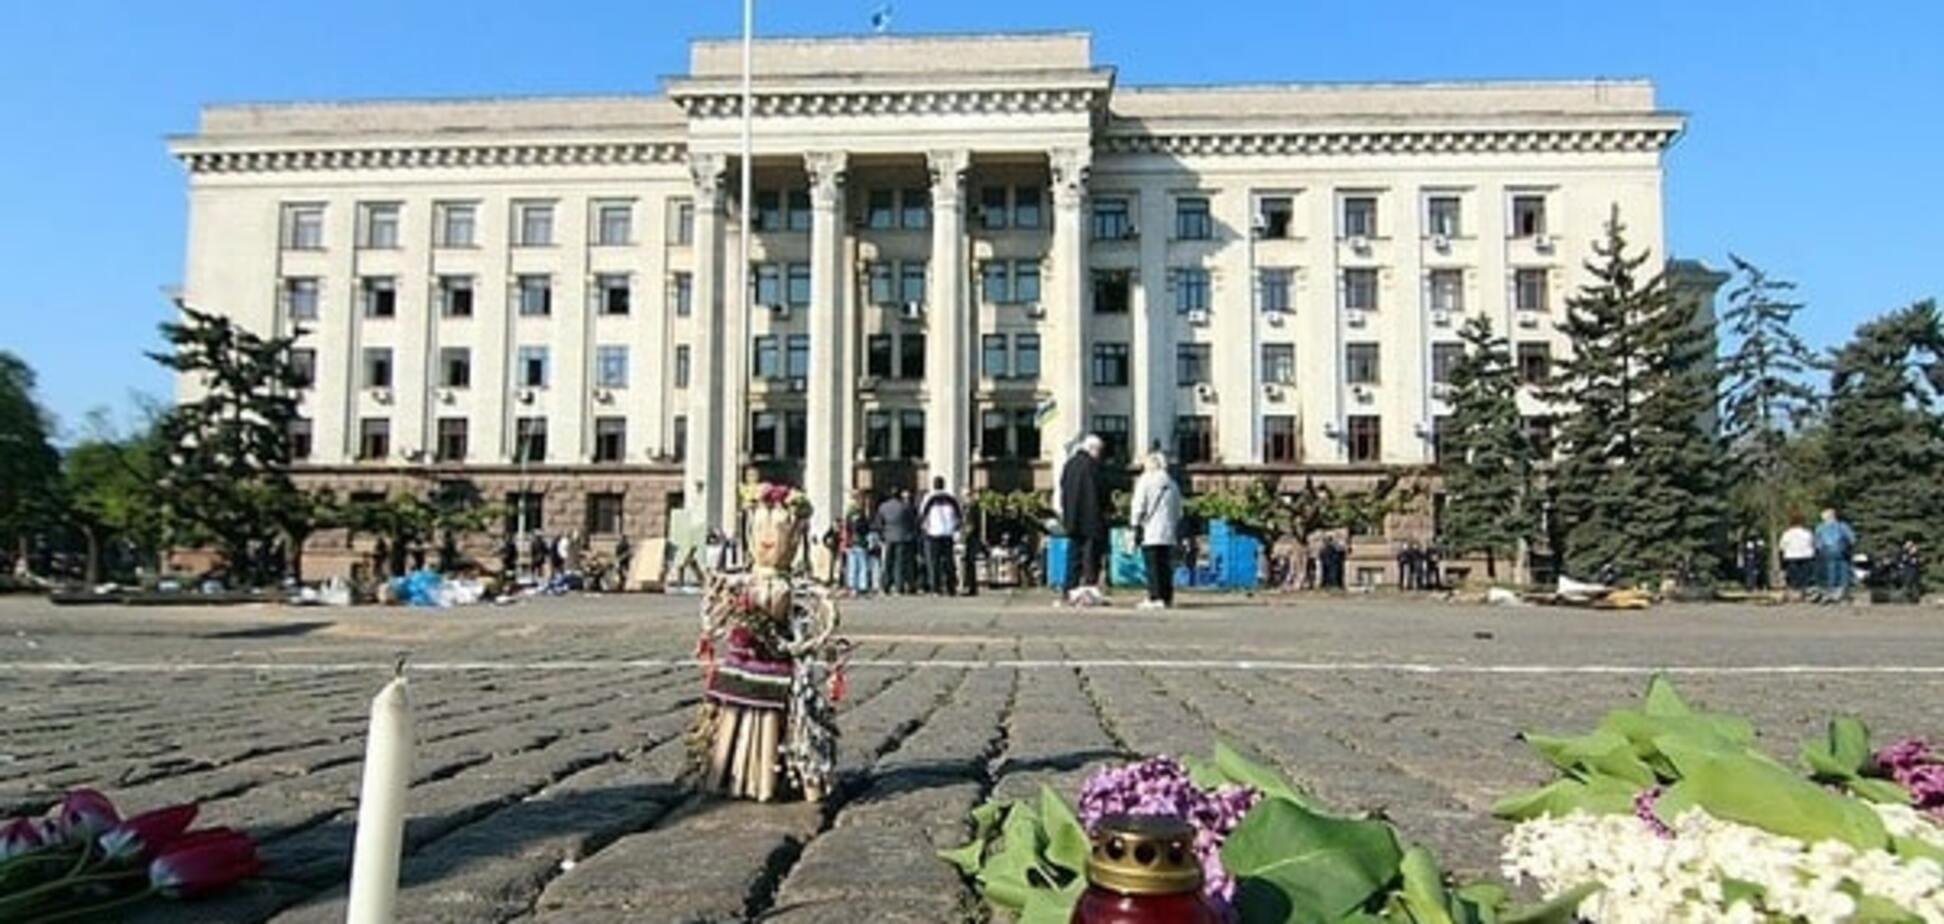 Трагедія 2 травня в Одесі: замовника вбивства євромайданівця посадили на 10 років